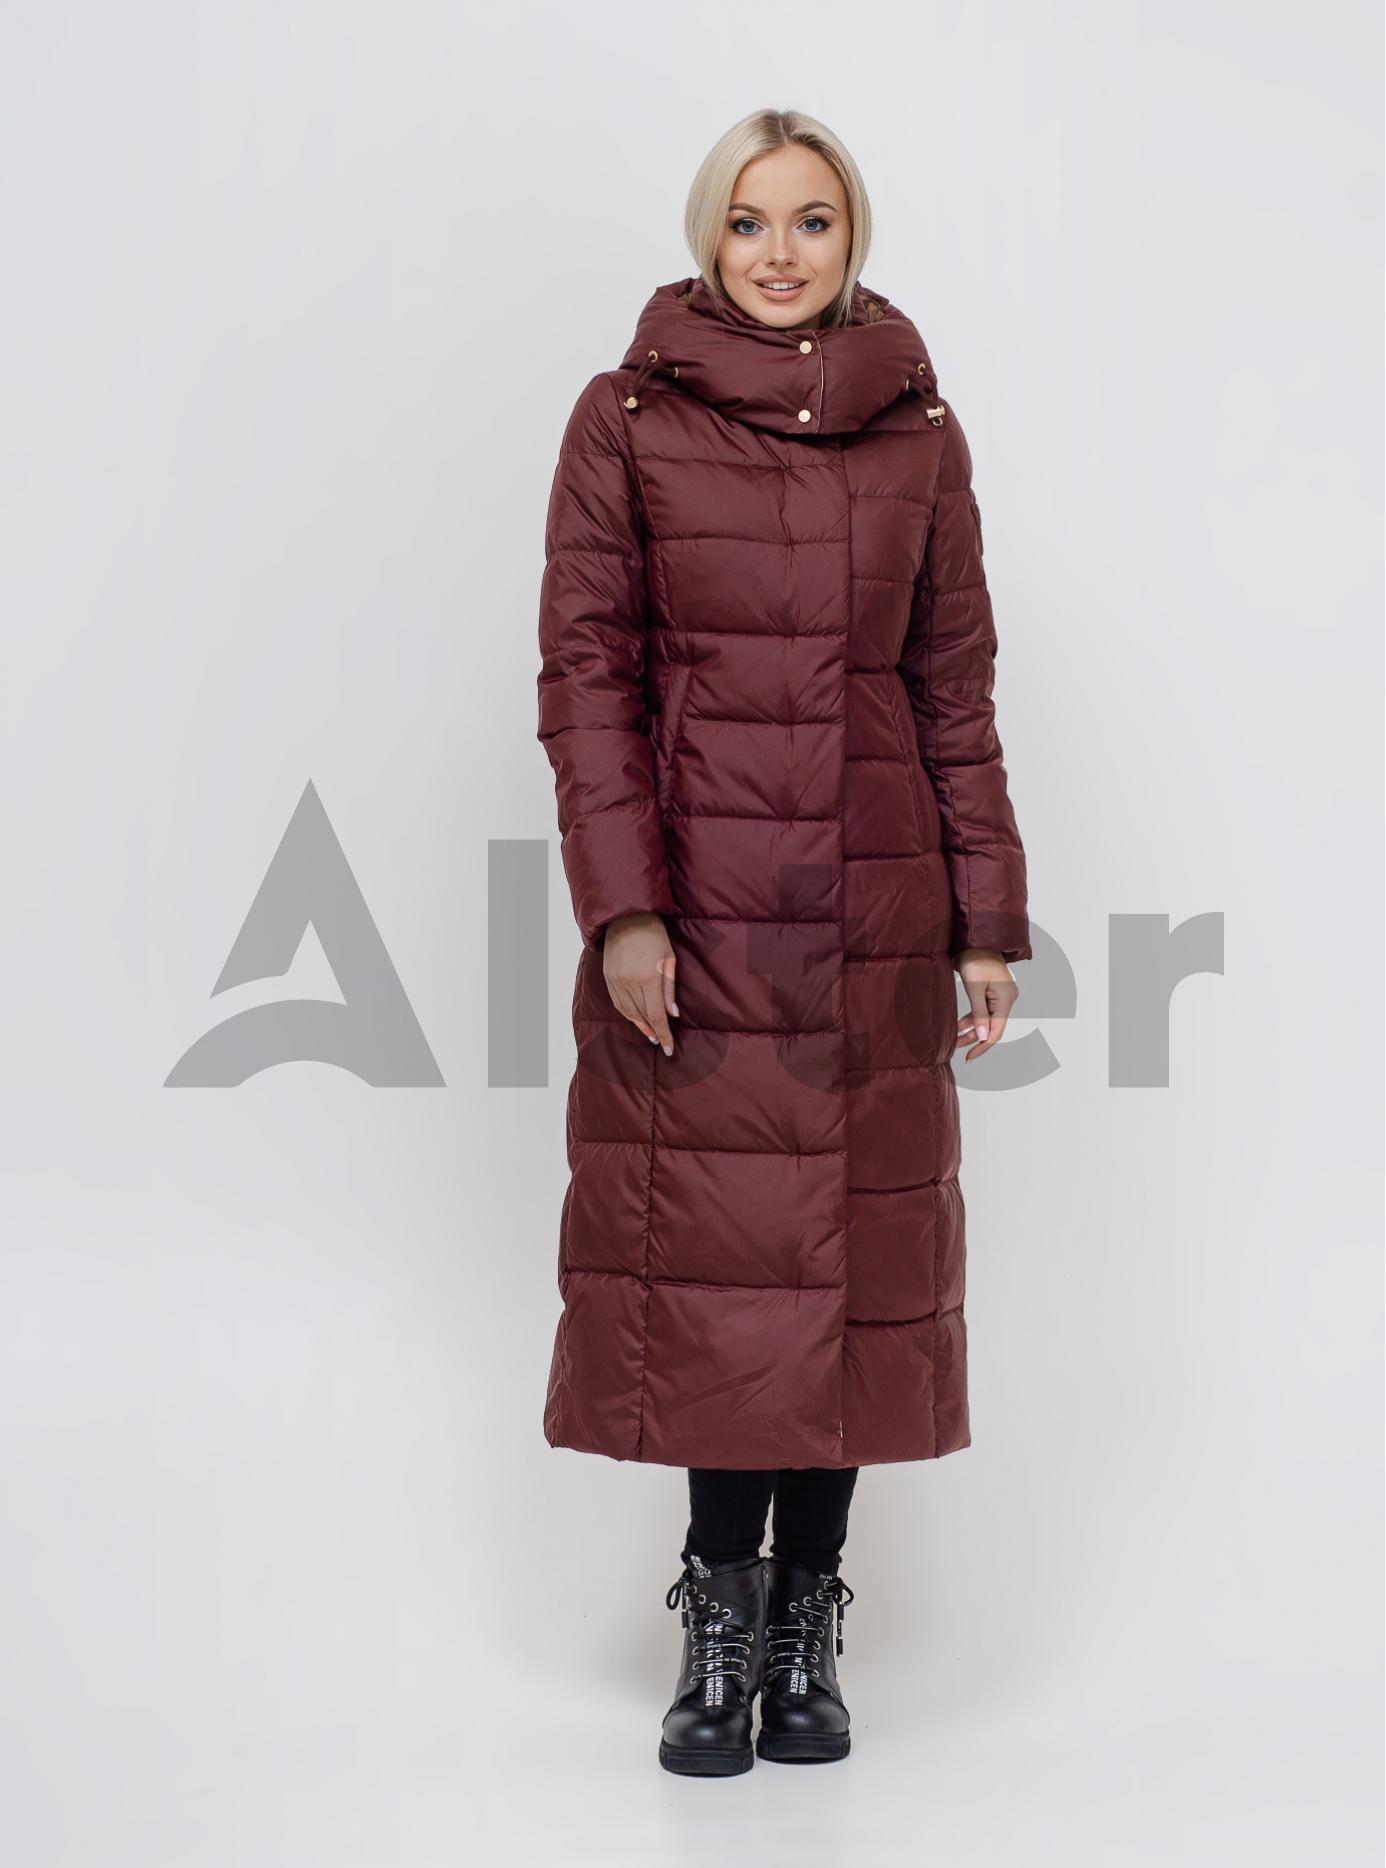 Пуховик зимовий довгий з поясом CLASNA CW21D255DW Бордовий S (01-N200534): фото - Alster.ua